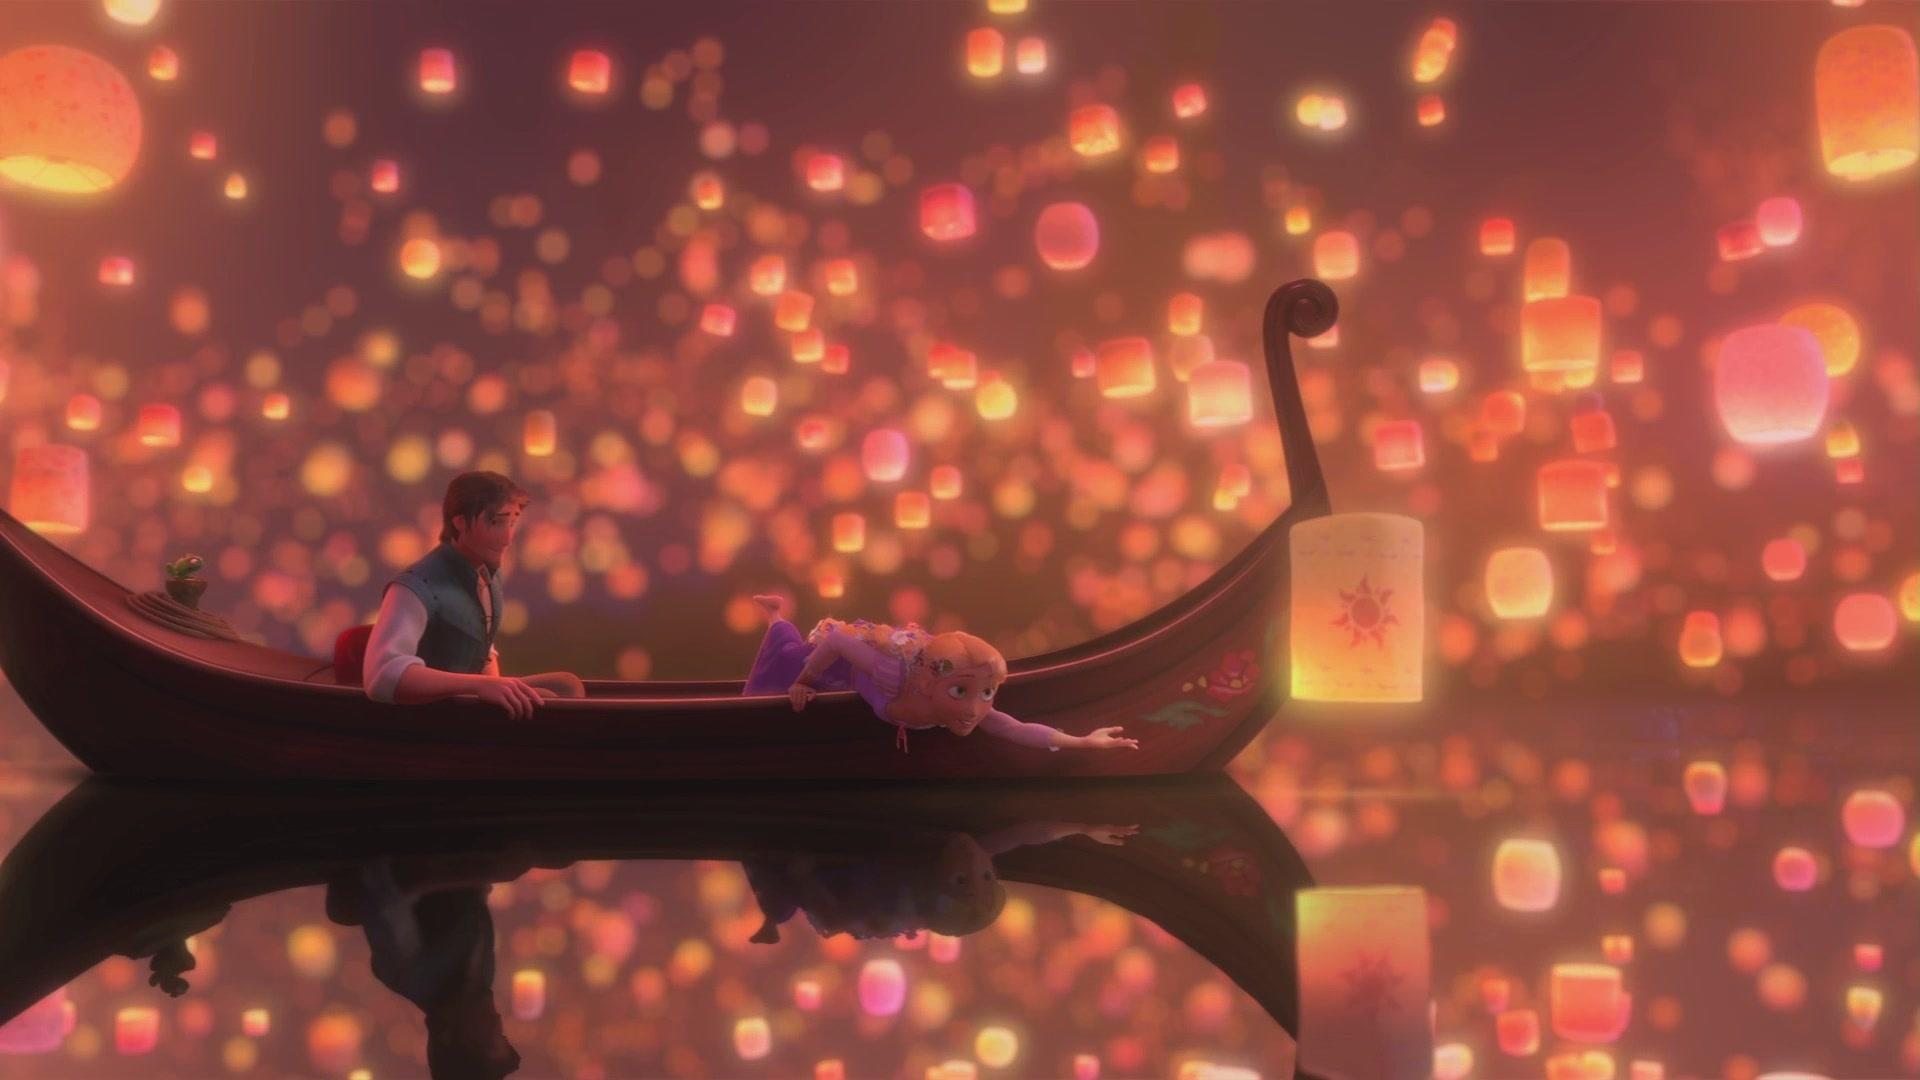 塔の上のラプンツェル Tralier Screencaps ディズニー Image ファンポップ